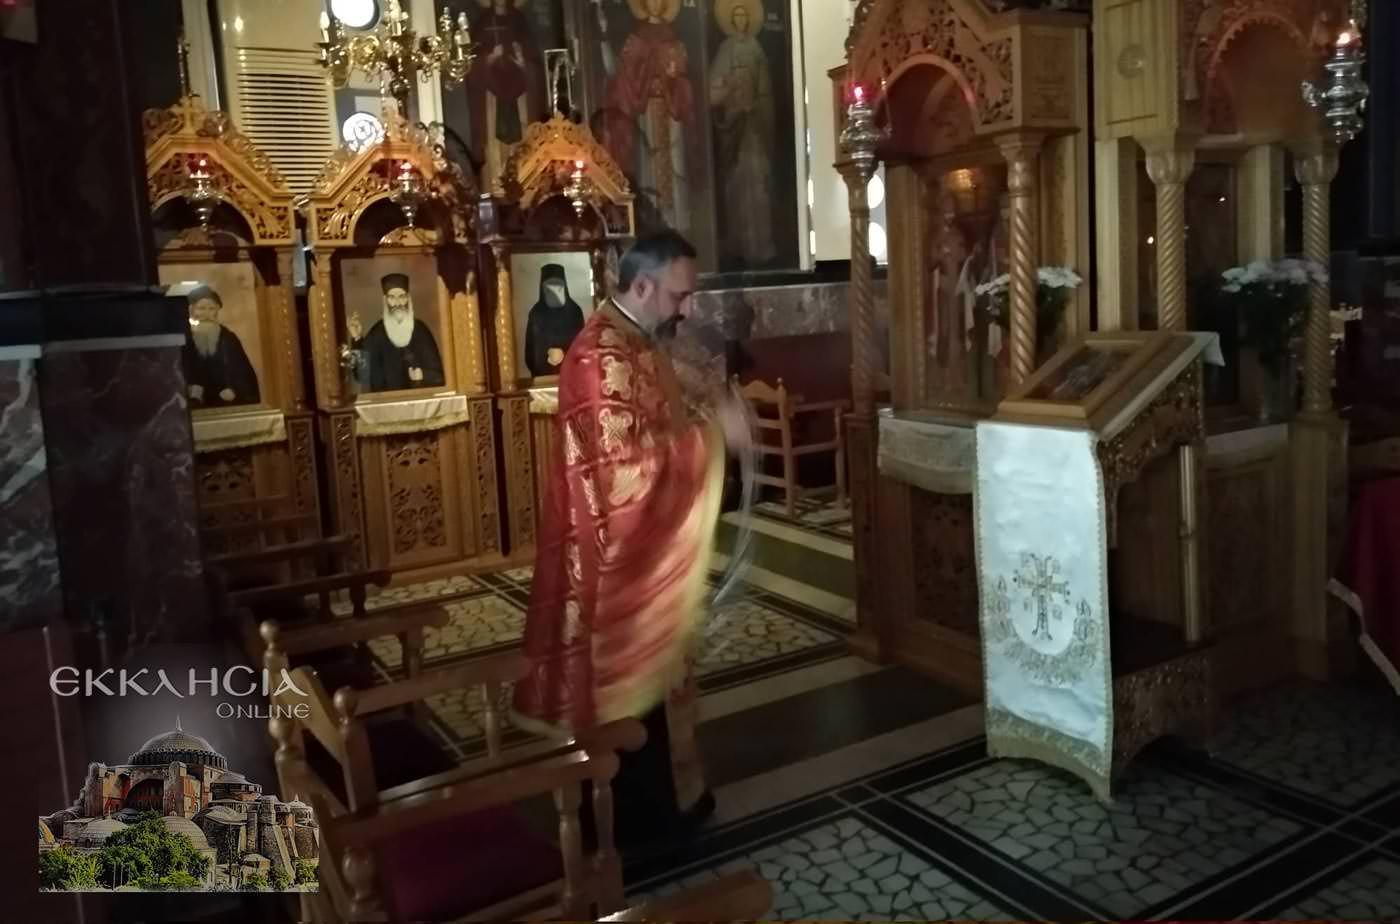 Ιερός Ναός Αγίας Τριάδας Βύρωνας Τιμίου Σταυρού 2019